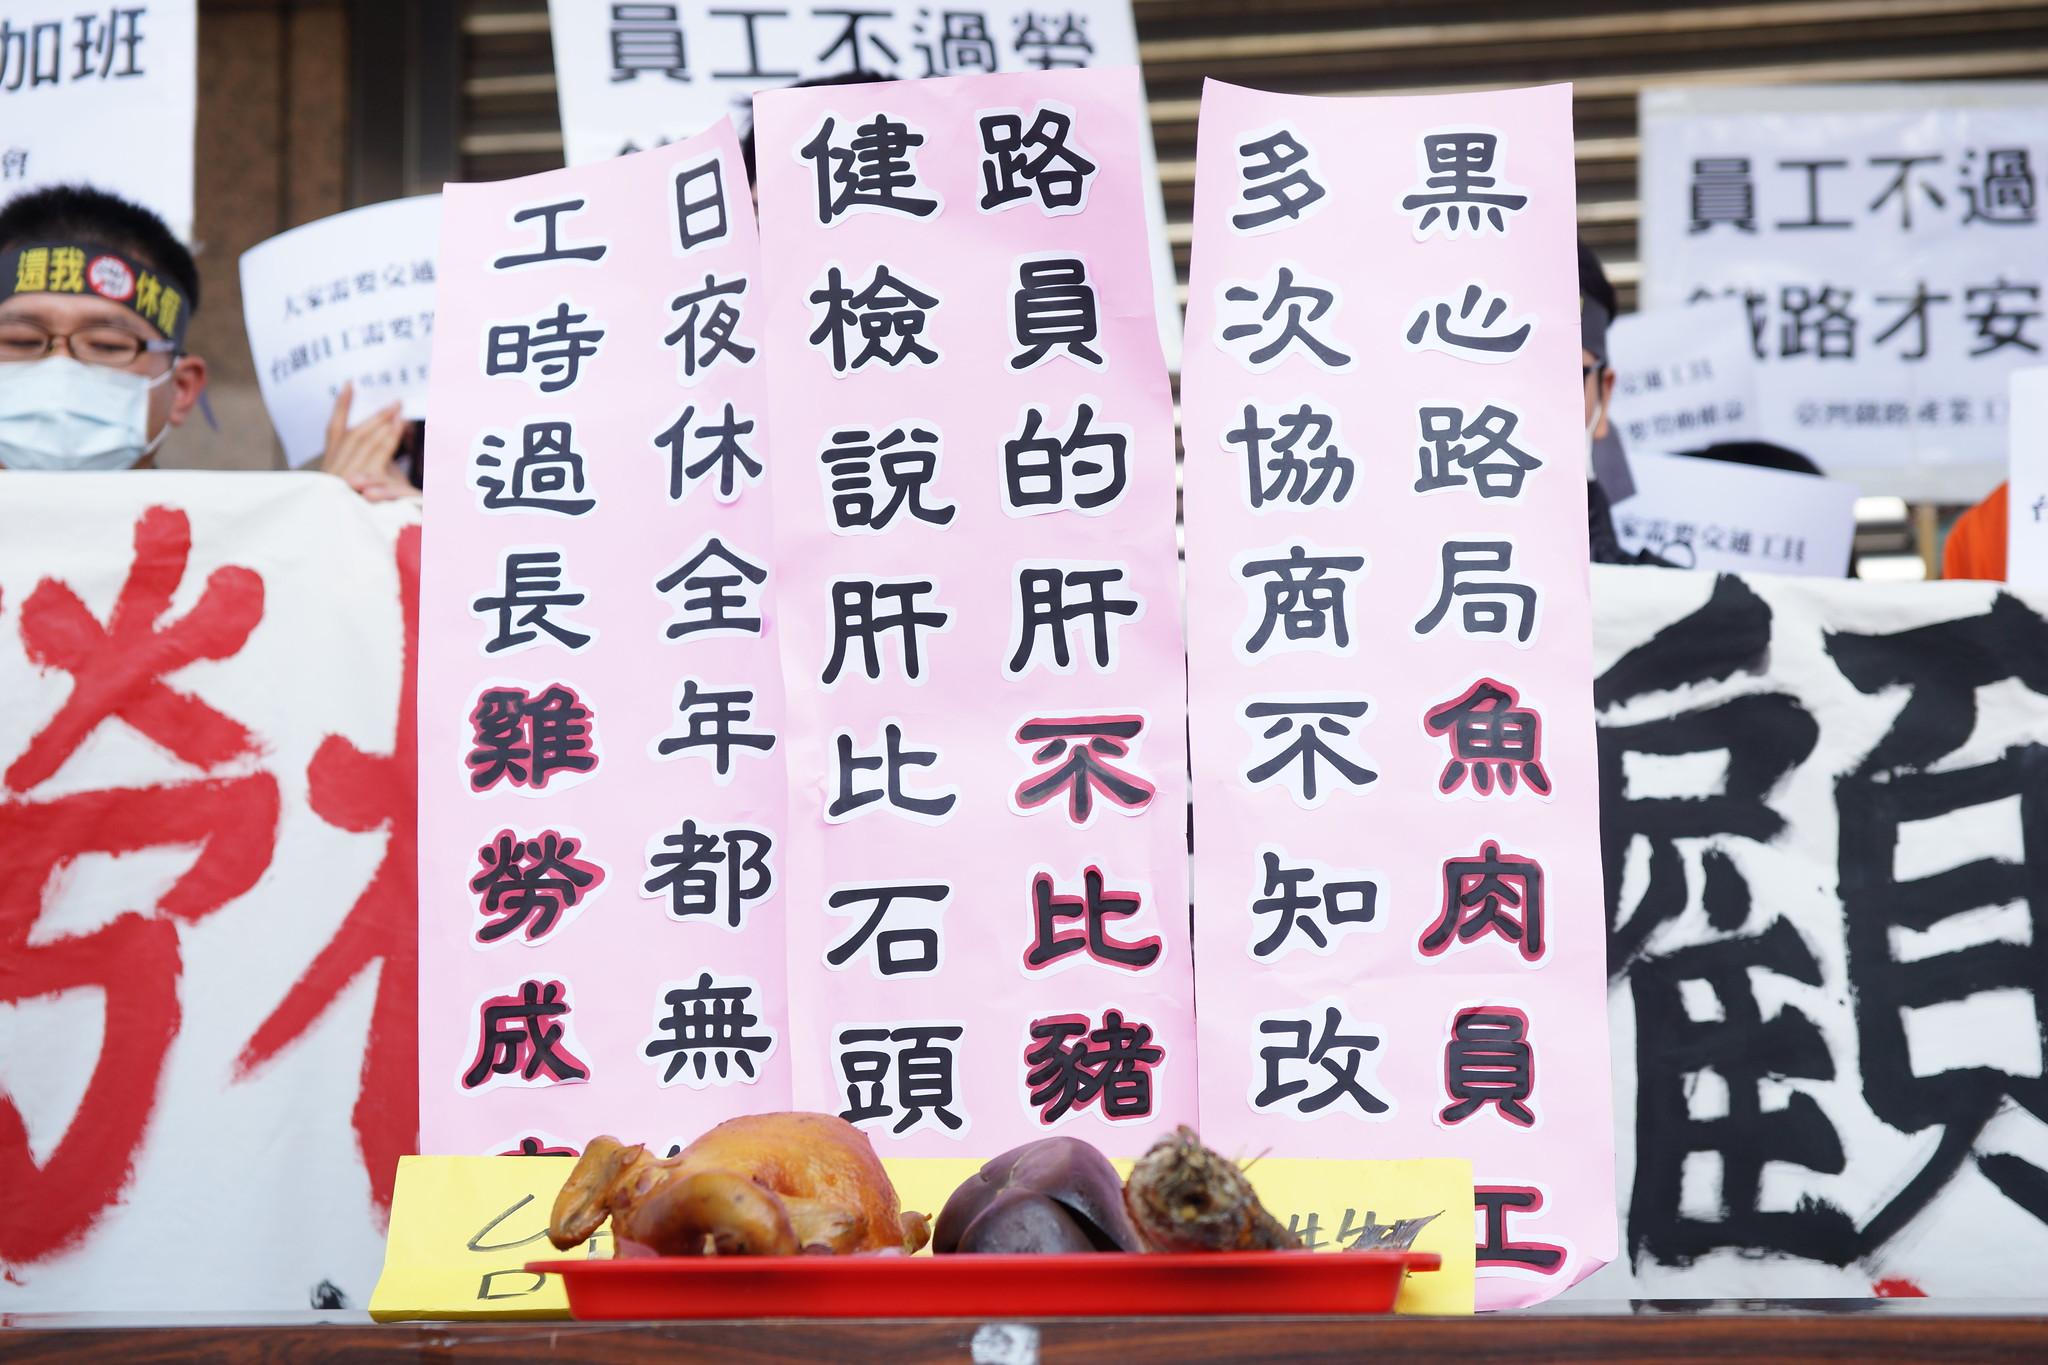 """工会祭出鸡、鱼、肝三牲,讽刺员工工时过长""""鸡劳成疾""""、路员的肝""""不比猪肝""""、黑心路局""""鱼肉员工""""。(摄影:王颢中)"""